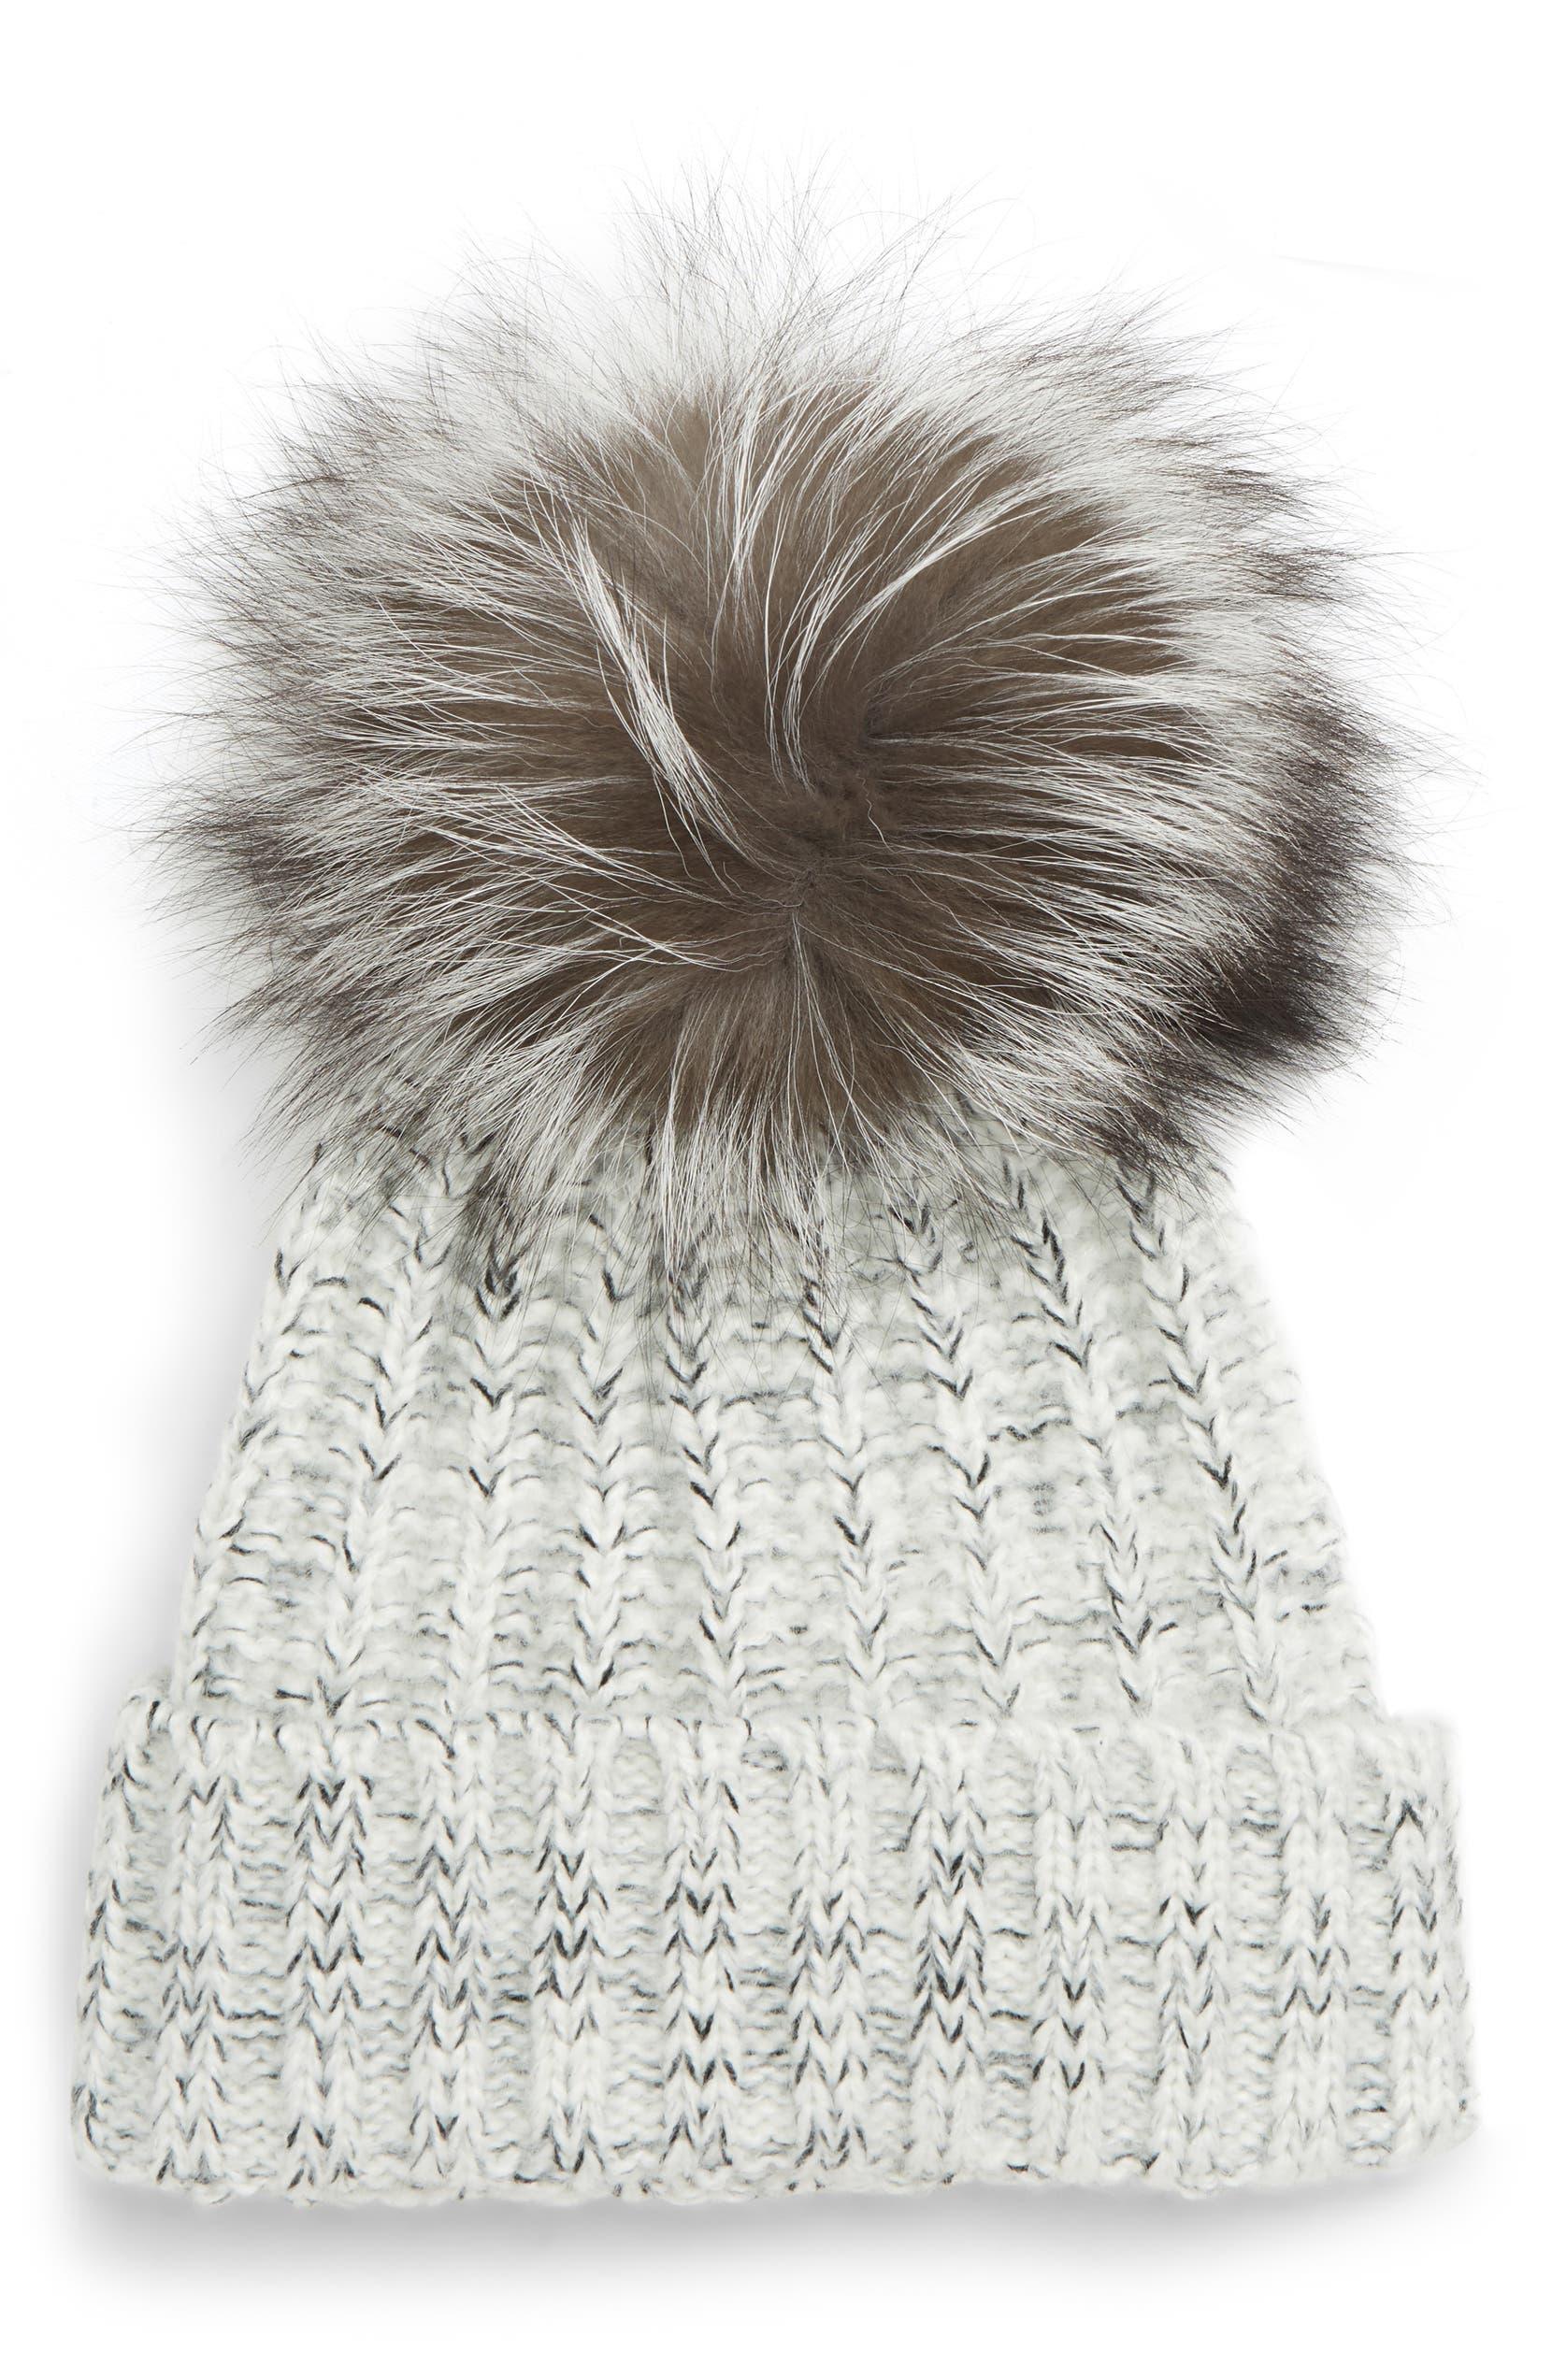 5d90b9a8c1038 Kyi Kyi Beanie with Genuine Fox Fur Pom